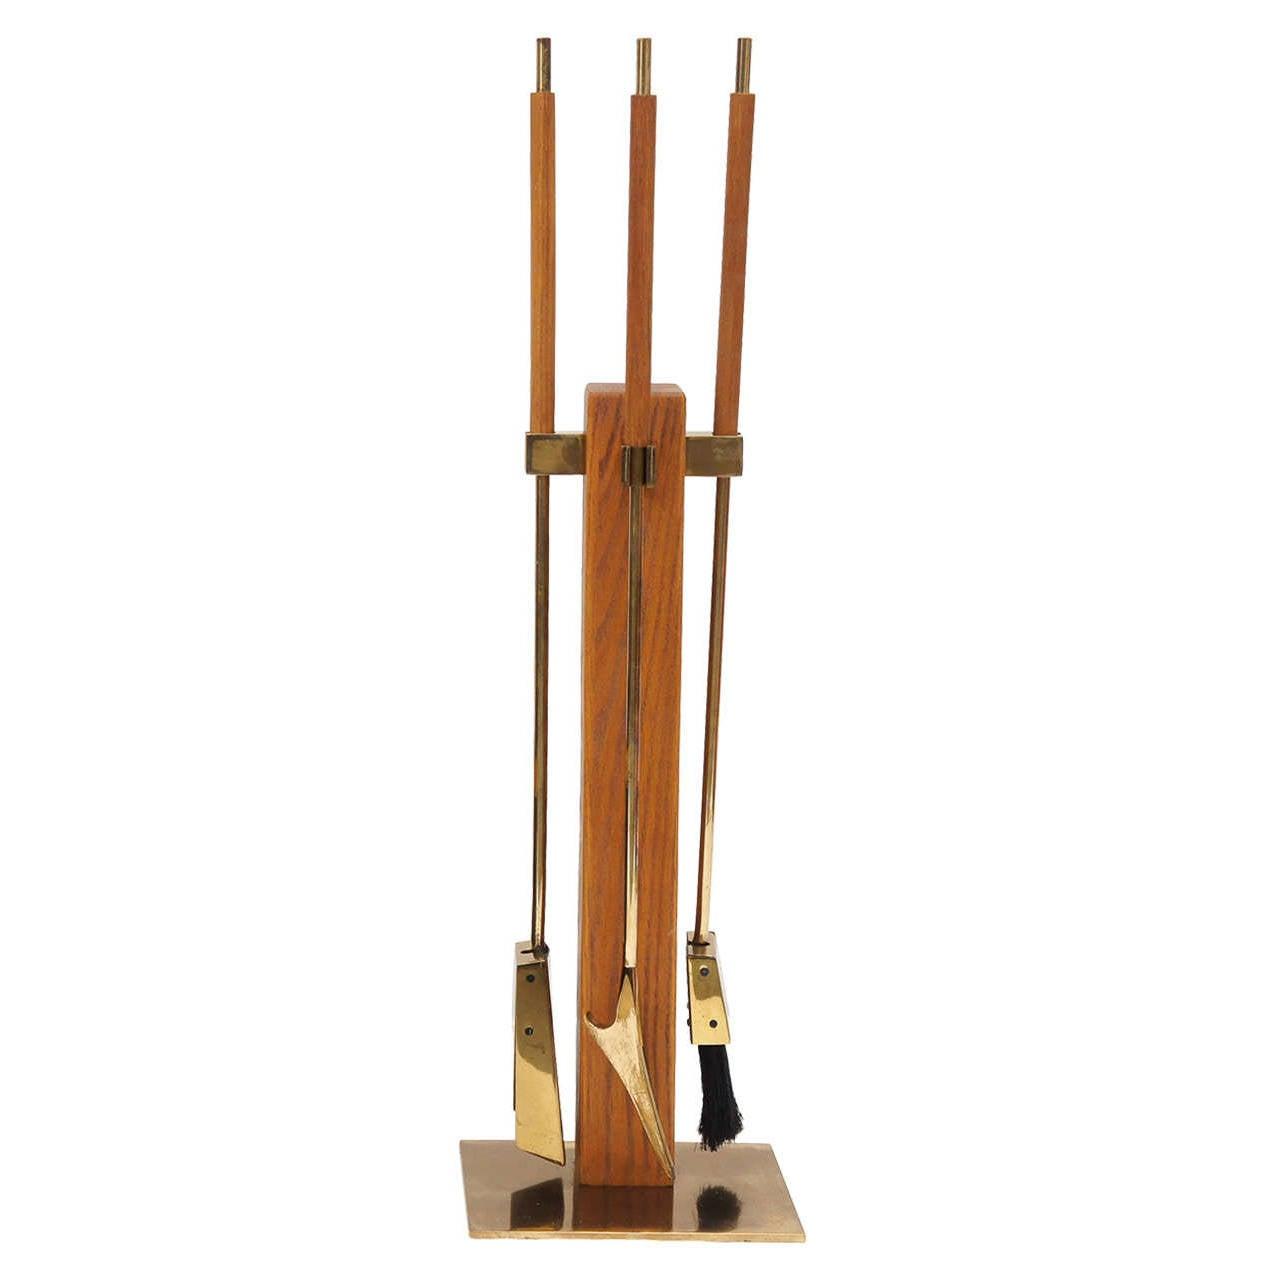 Modernist brass fire tools